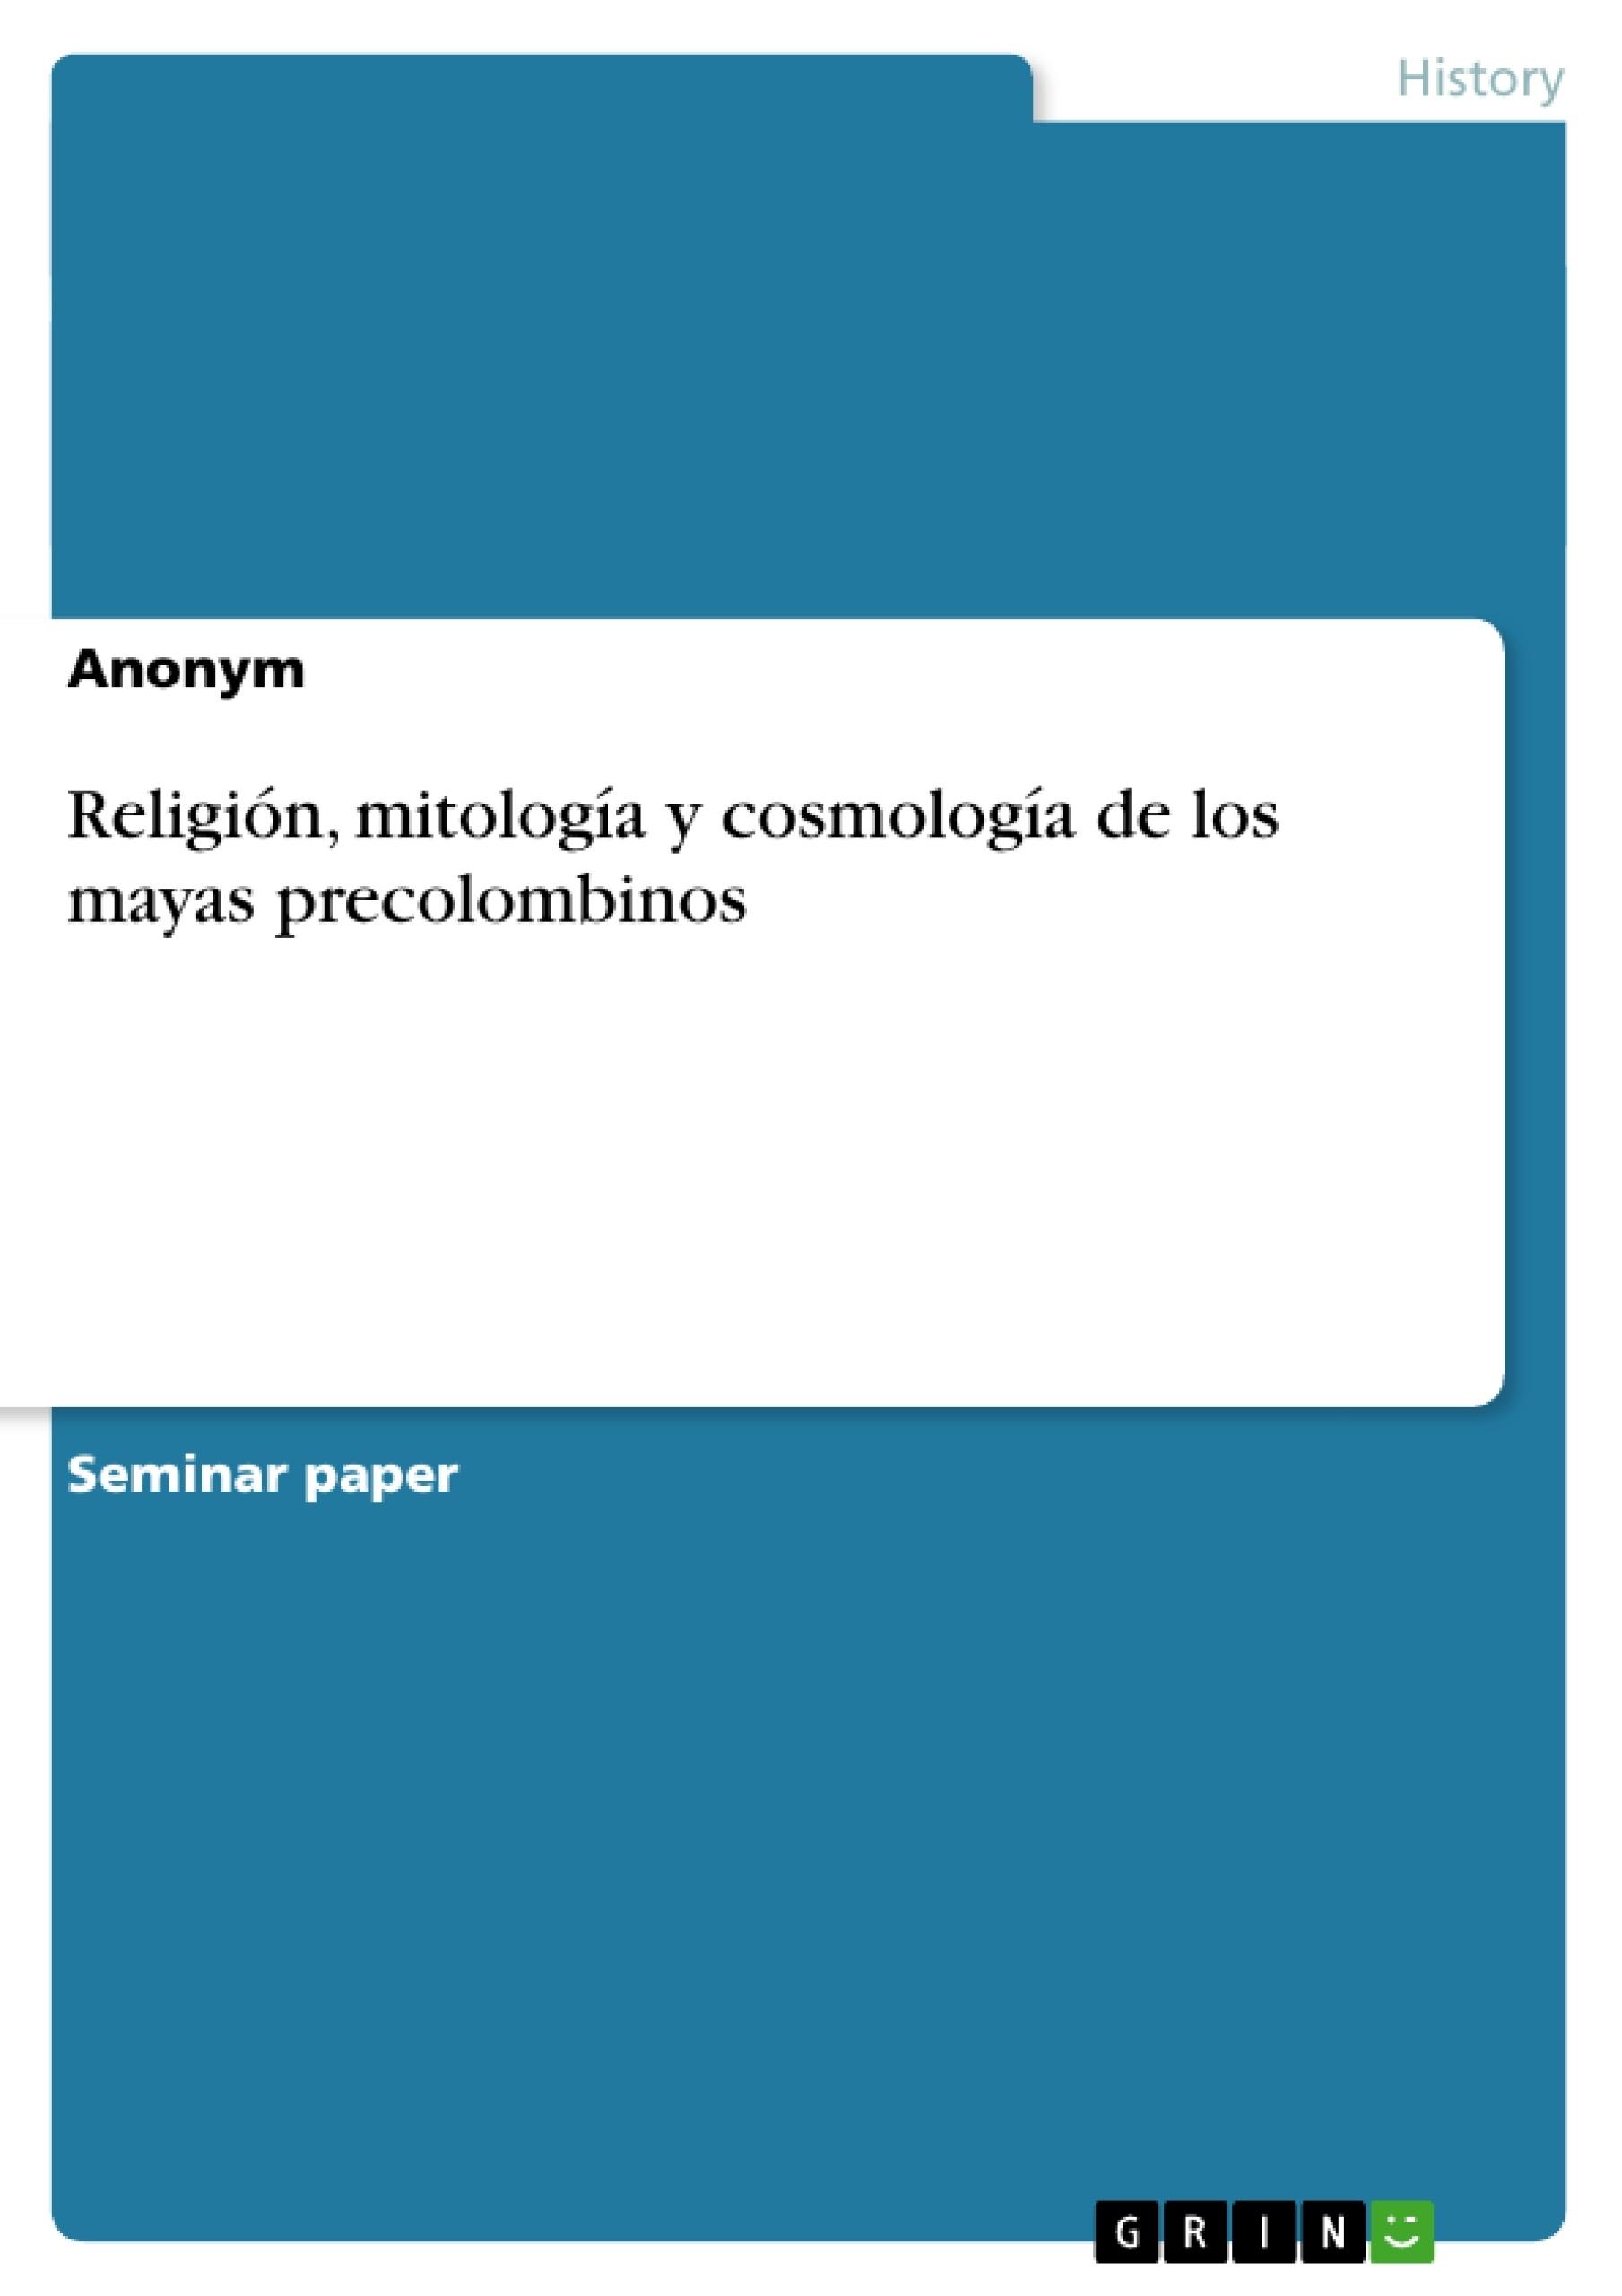 Título: Religión, mitología y cosmología de los mayas precolombinos